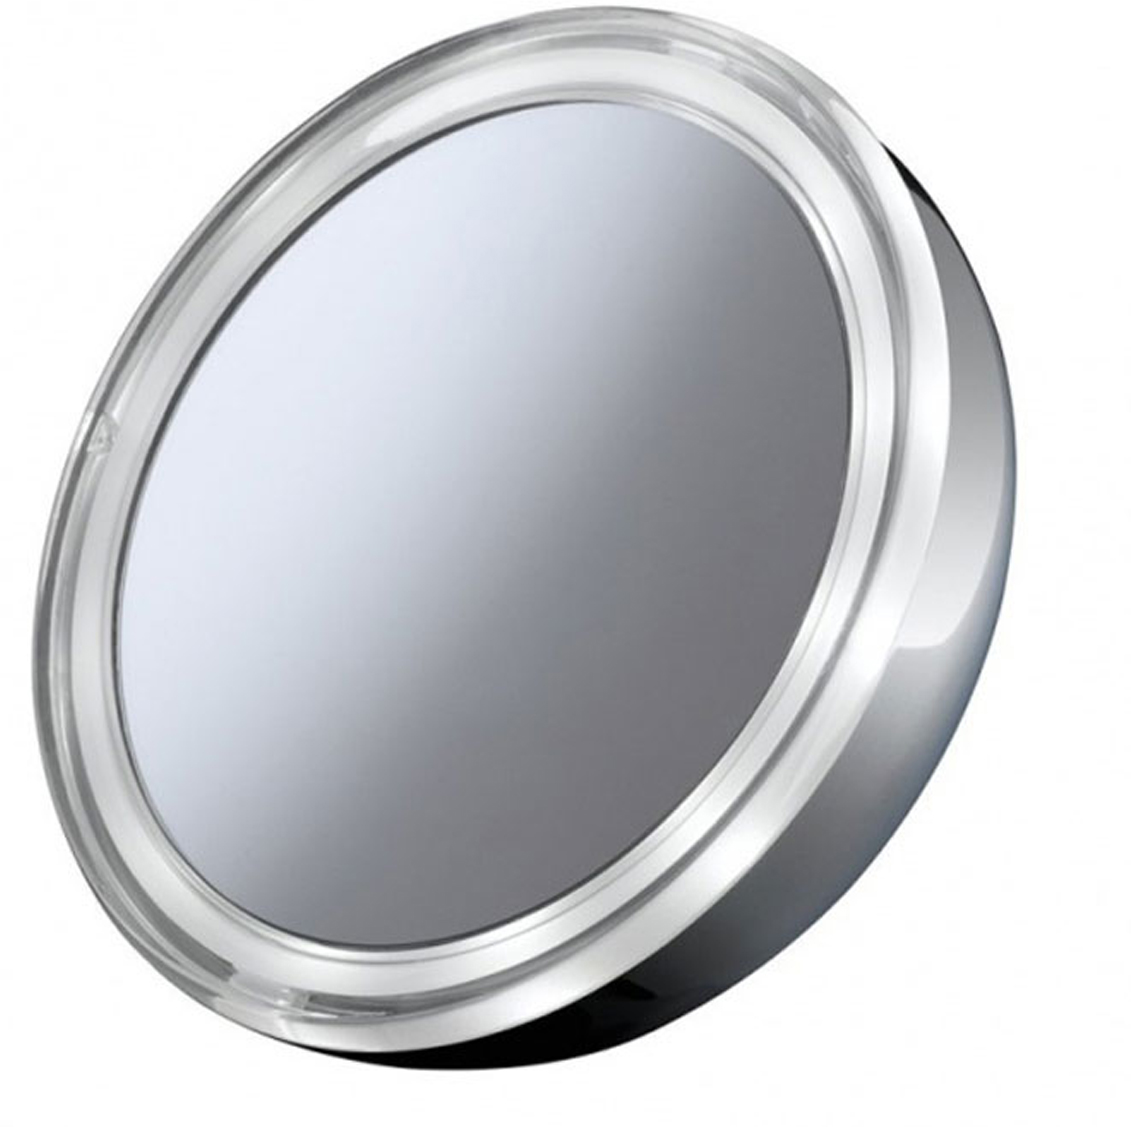 Imetec 5056 косметическое зеркало5056Imetec 5056 - это удобное зеркало серебристого цвета в форме круга, при помощи которого вы легко сможетенанести макияж. Диаметр зеркала — 128 мм. Благодаря круговой LED-подсветке и трехкратному увеличению вамудастся тщательно и точно нанести на лицо все детали макияжа. Для легкого и быстрого отсоединения подставкиу зеркала есть специальная система со встроенным магнитом. Устройство работает от трех батареек типа ААА.